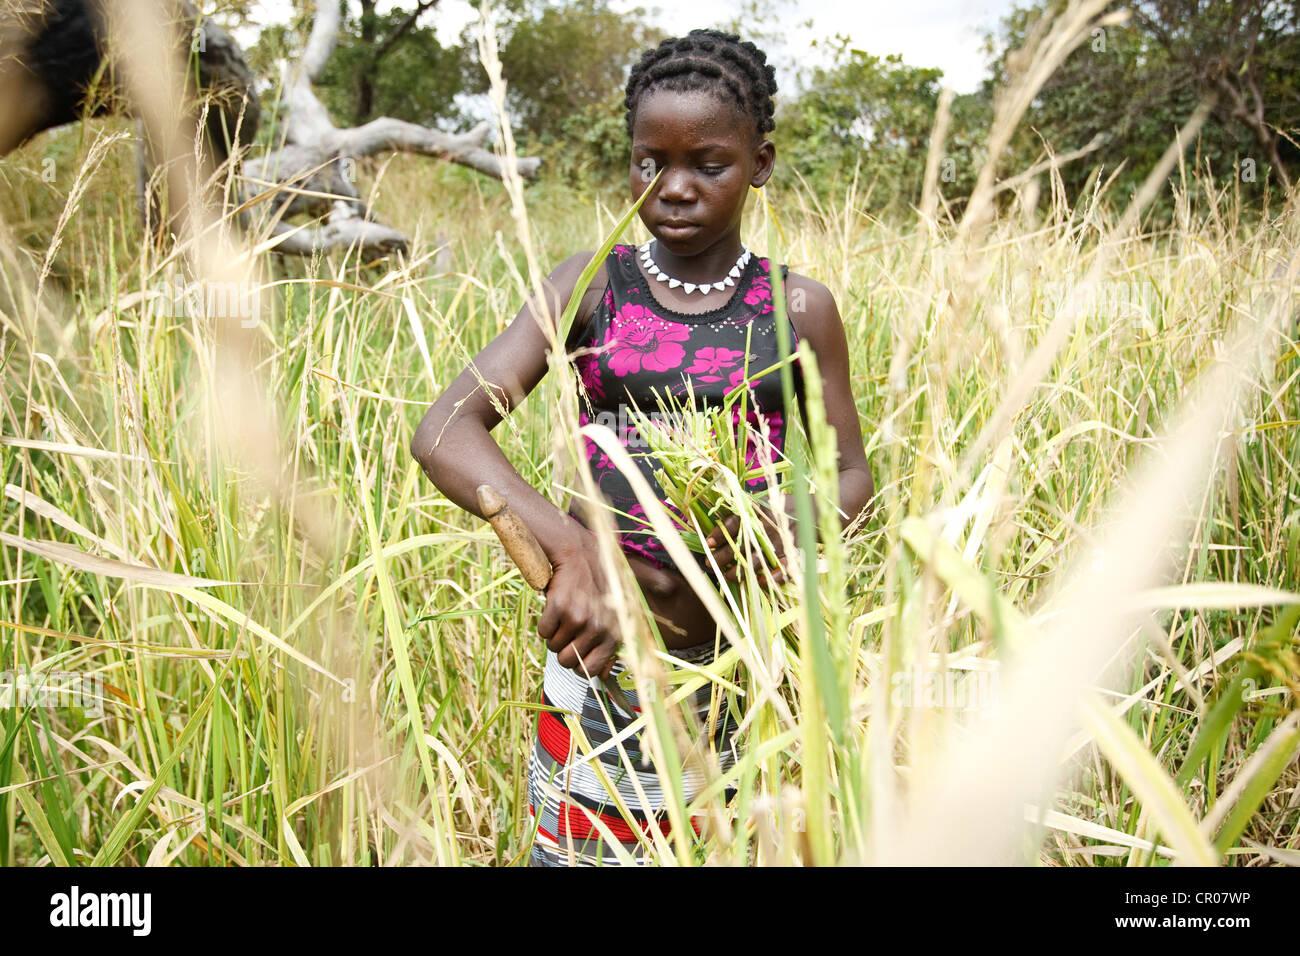 Kambou Tangba, 17, works in a rice field in the village of Kirkpadouo, Zanzan region, Cote d'Ivoire - Stock Image